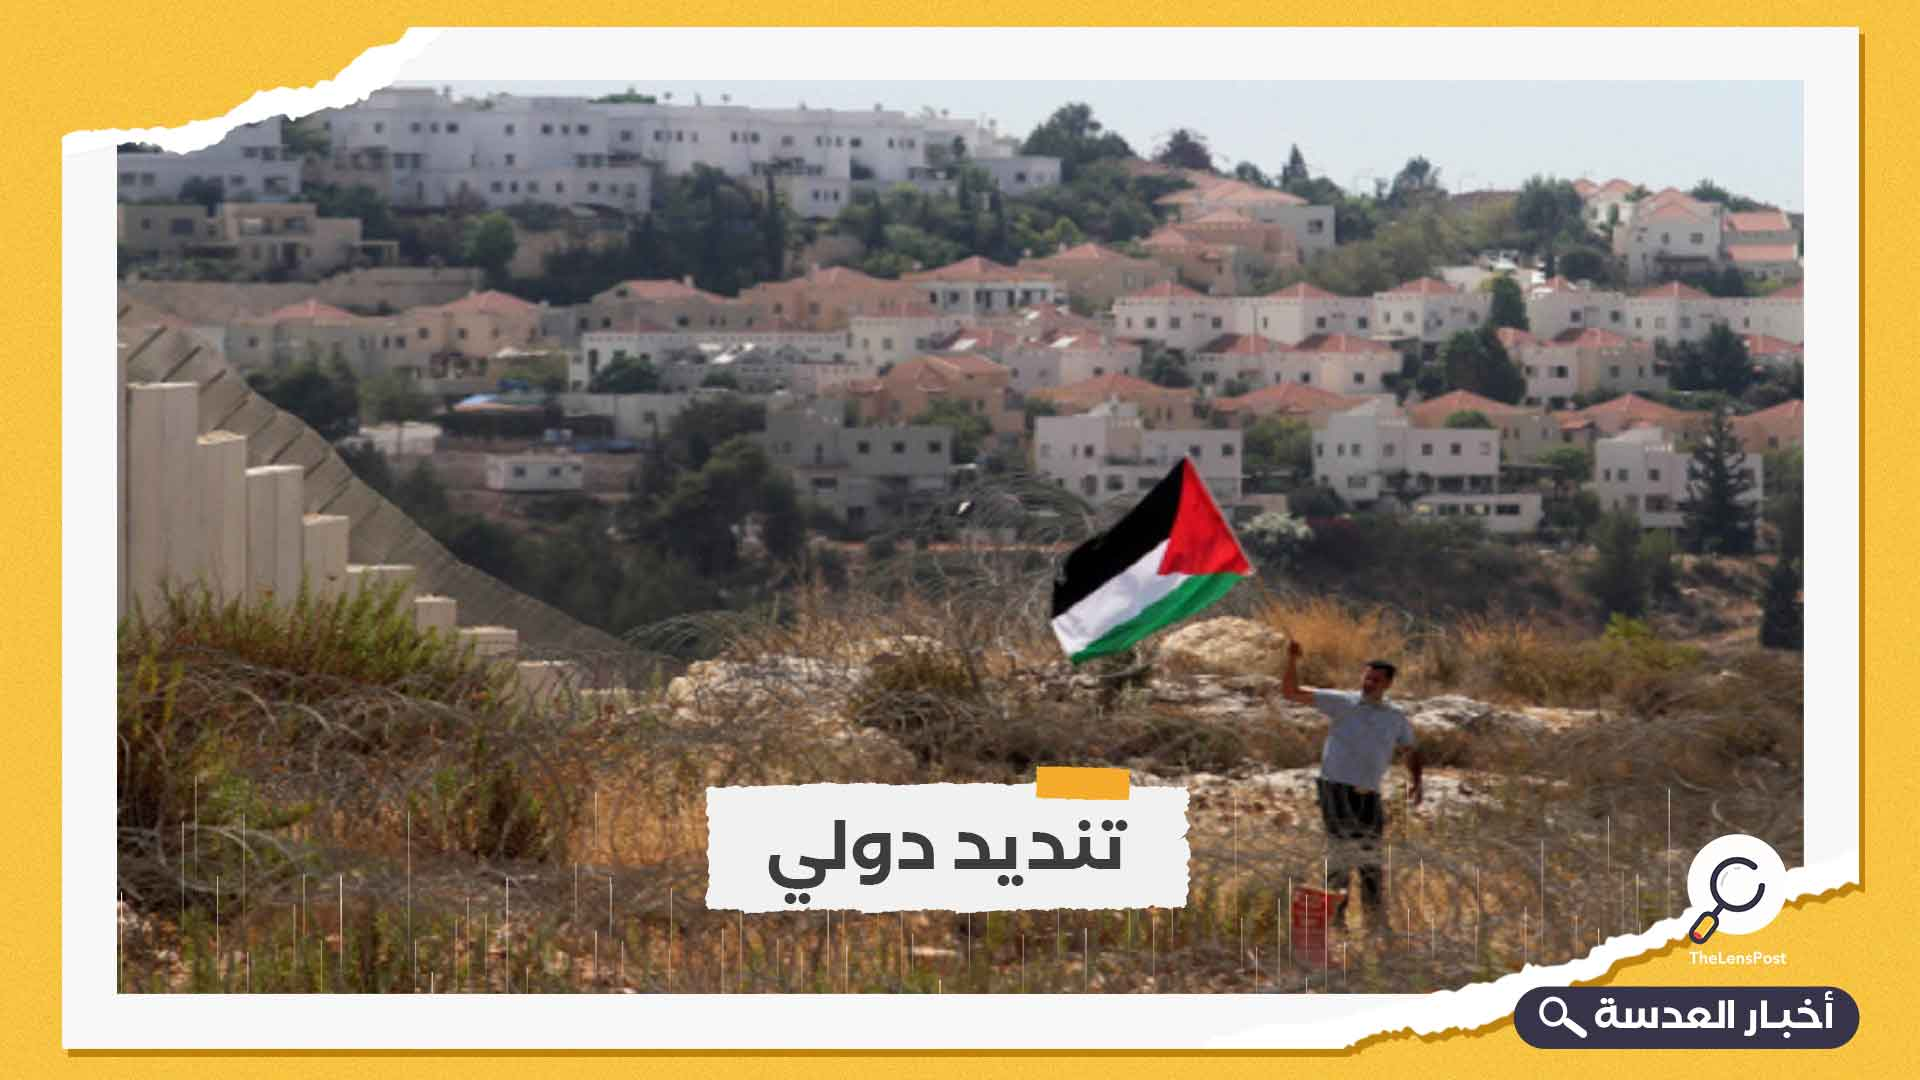 442 برلمانيًا أوروبيًا يدعون لوقف الاستيطان الإسرائيلي